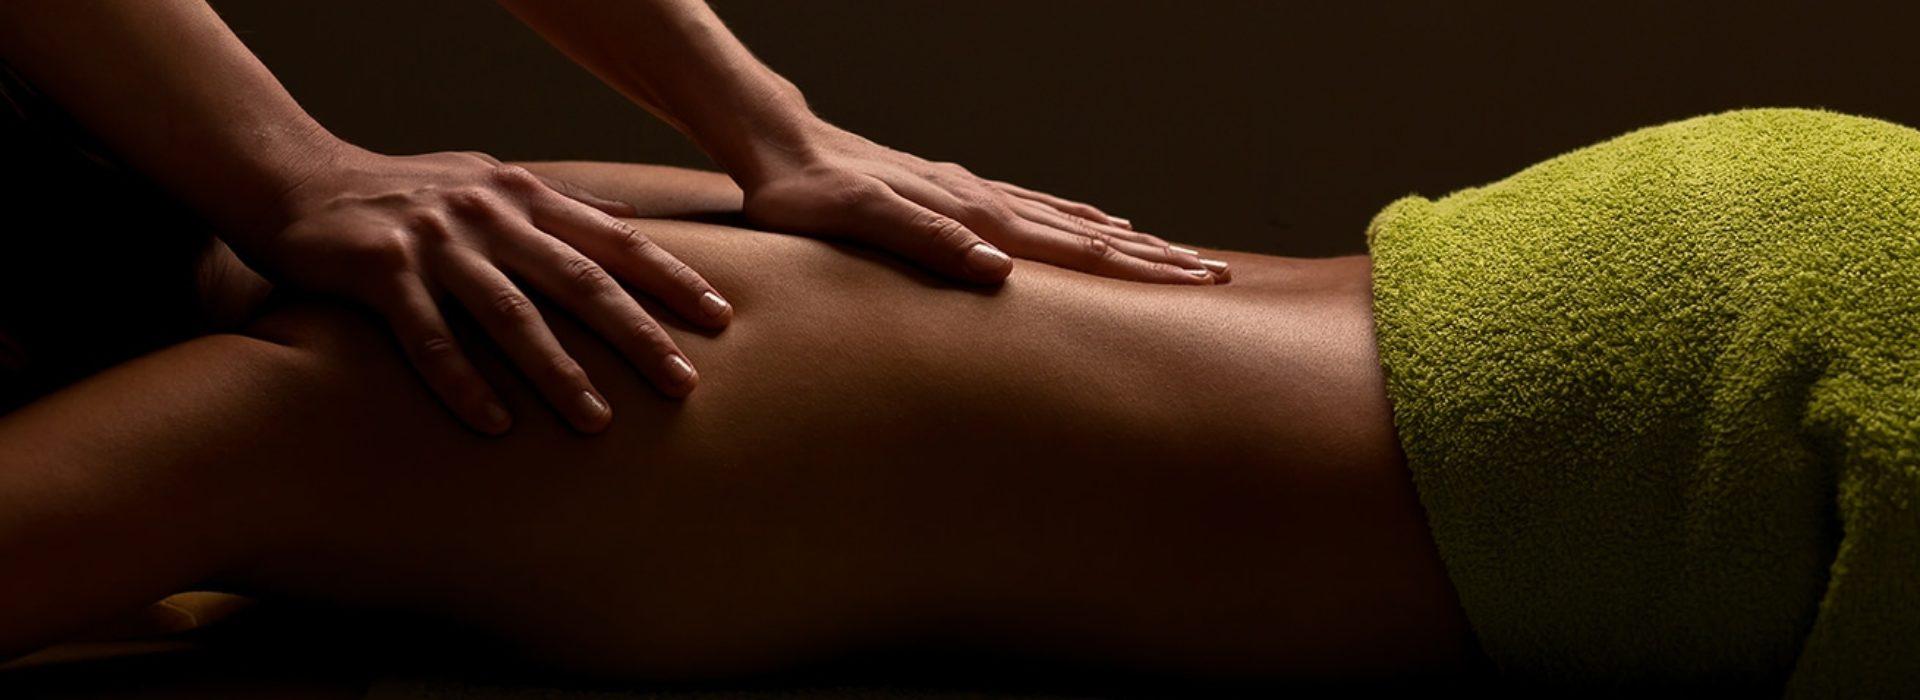 Mon Harmonie - Massage bien-être